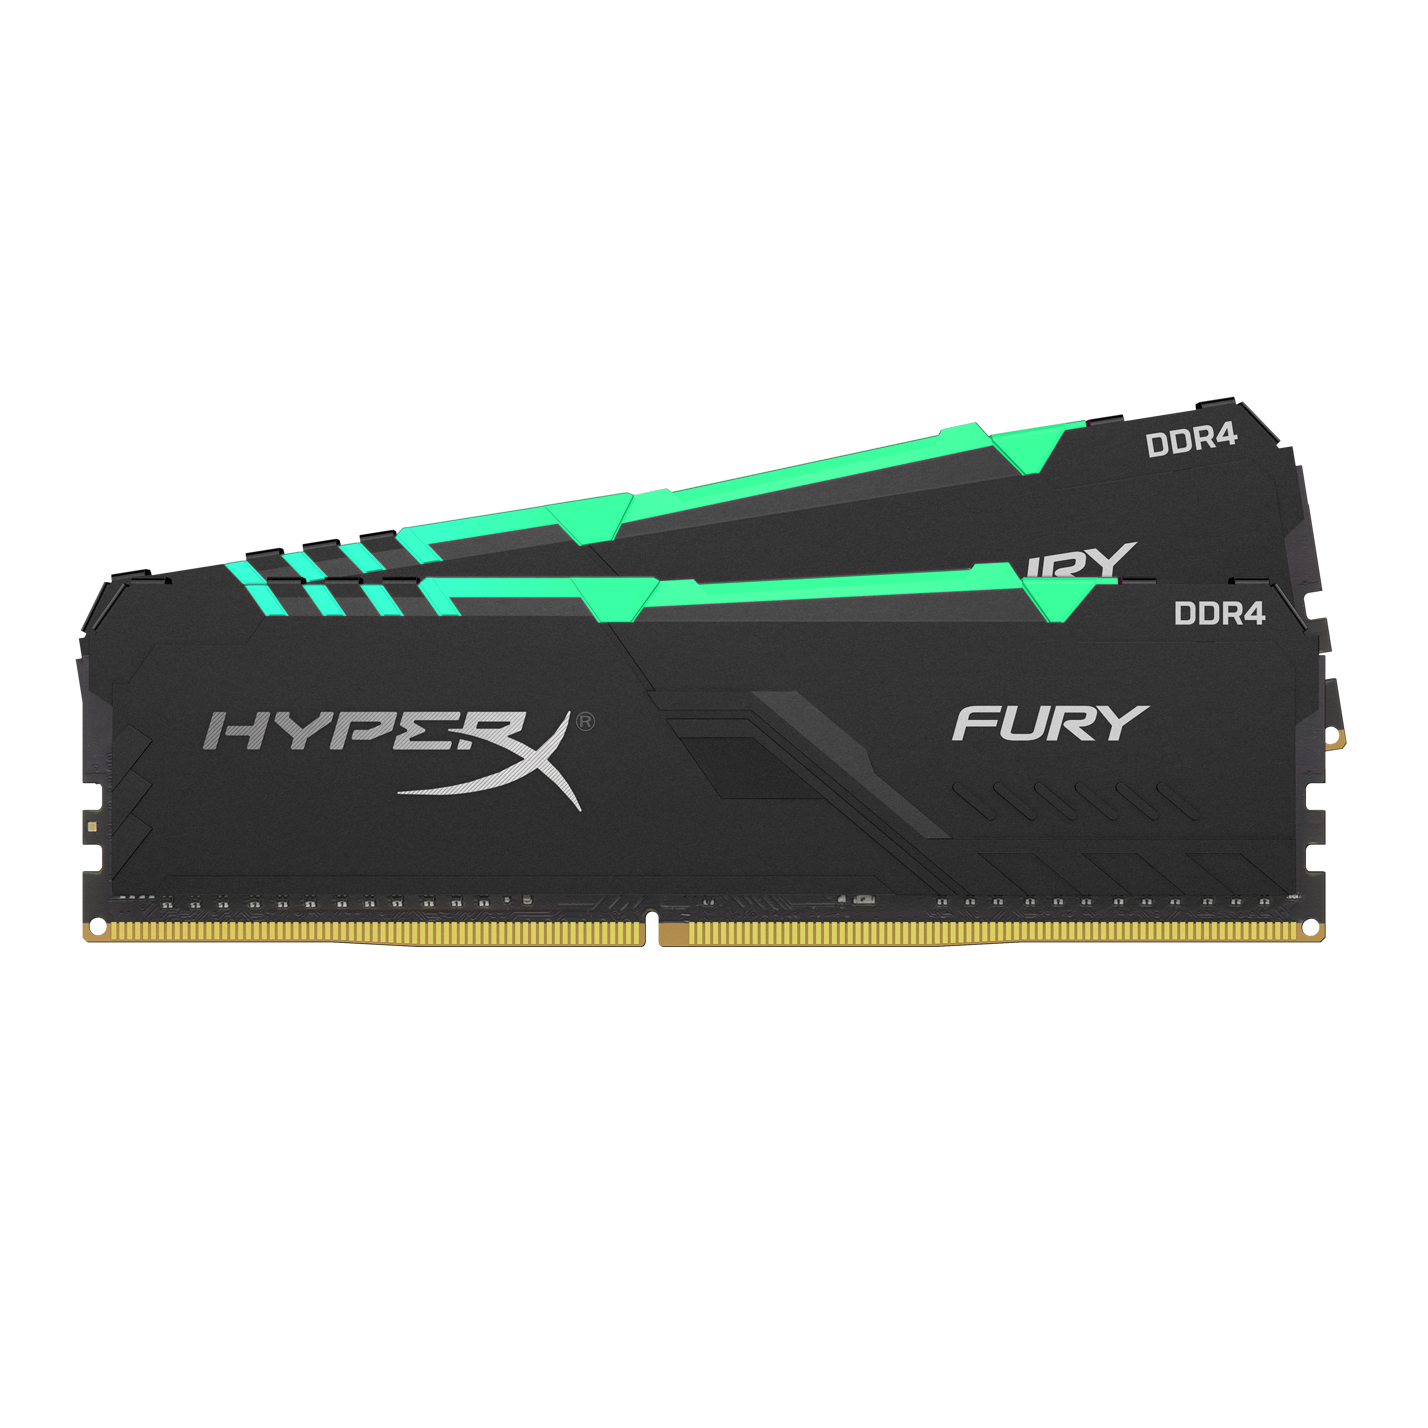 HyperX FURY HX436C17FB3AK2/32 memory module 32 GB DDR4 3600 MHz